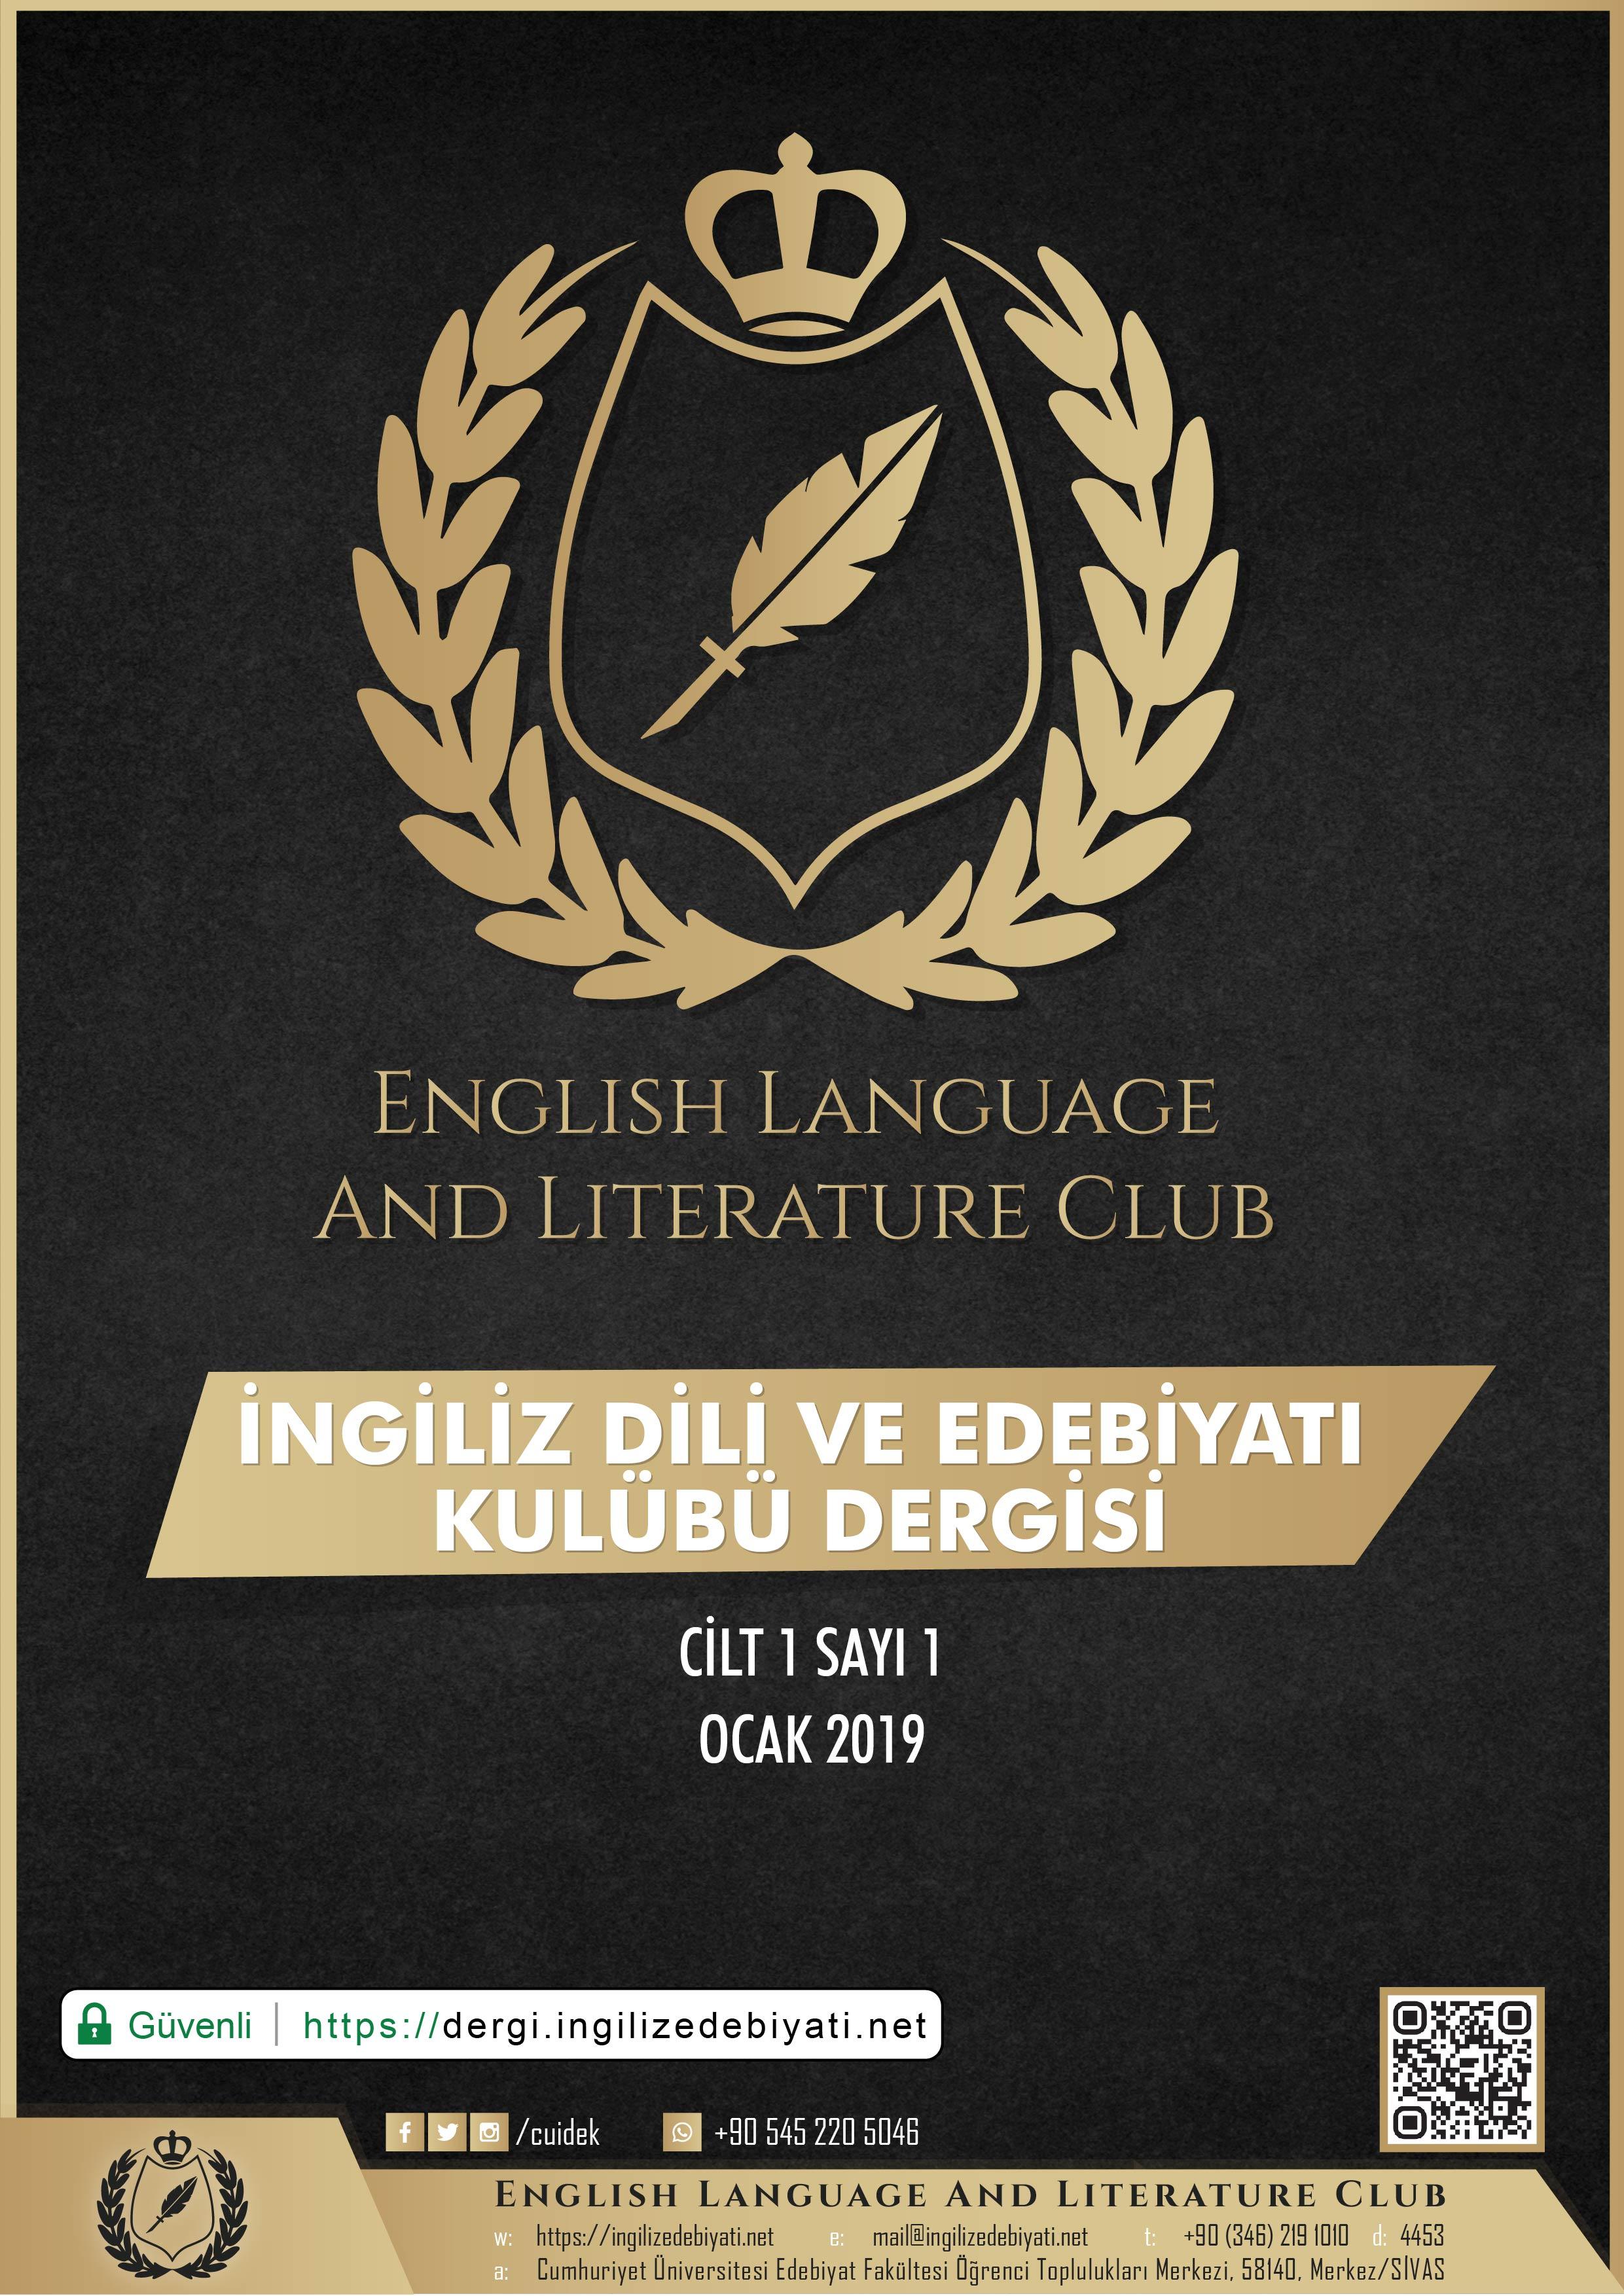 İngiliz Dili ve Edebiyatı Kulübü Dergisi